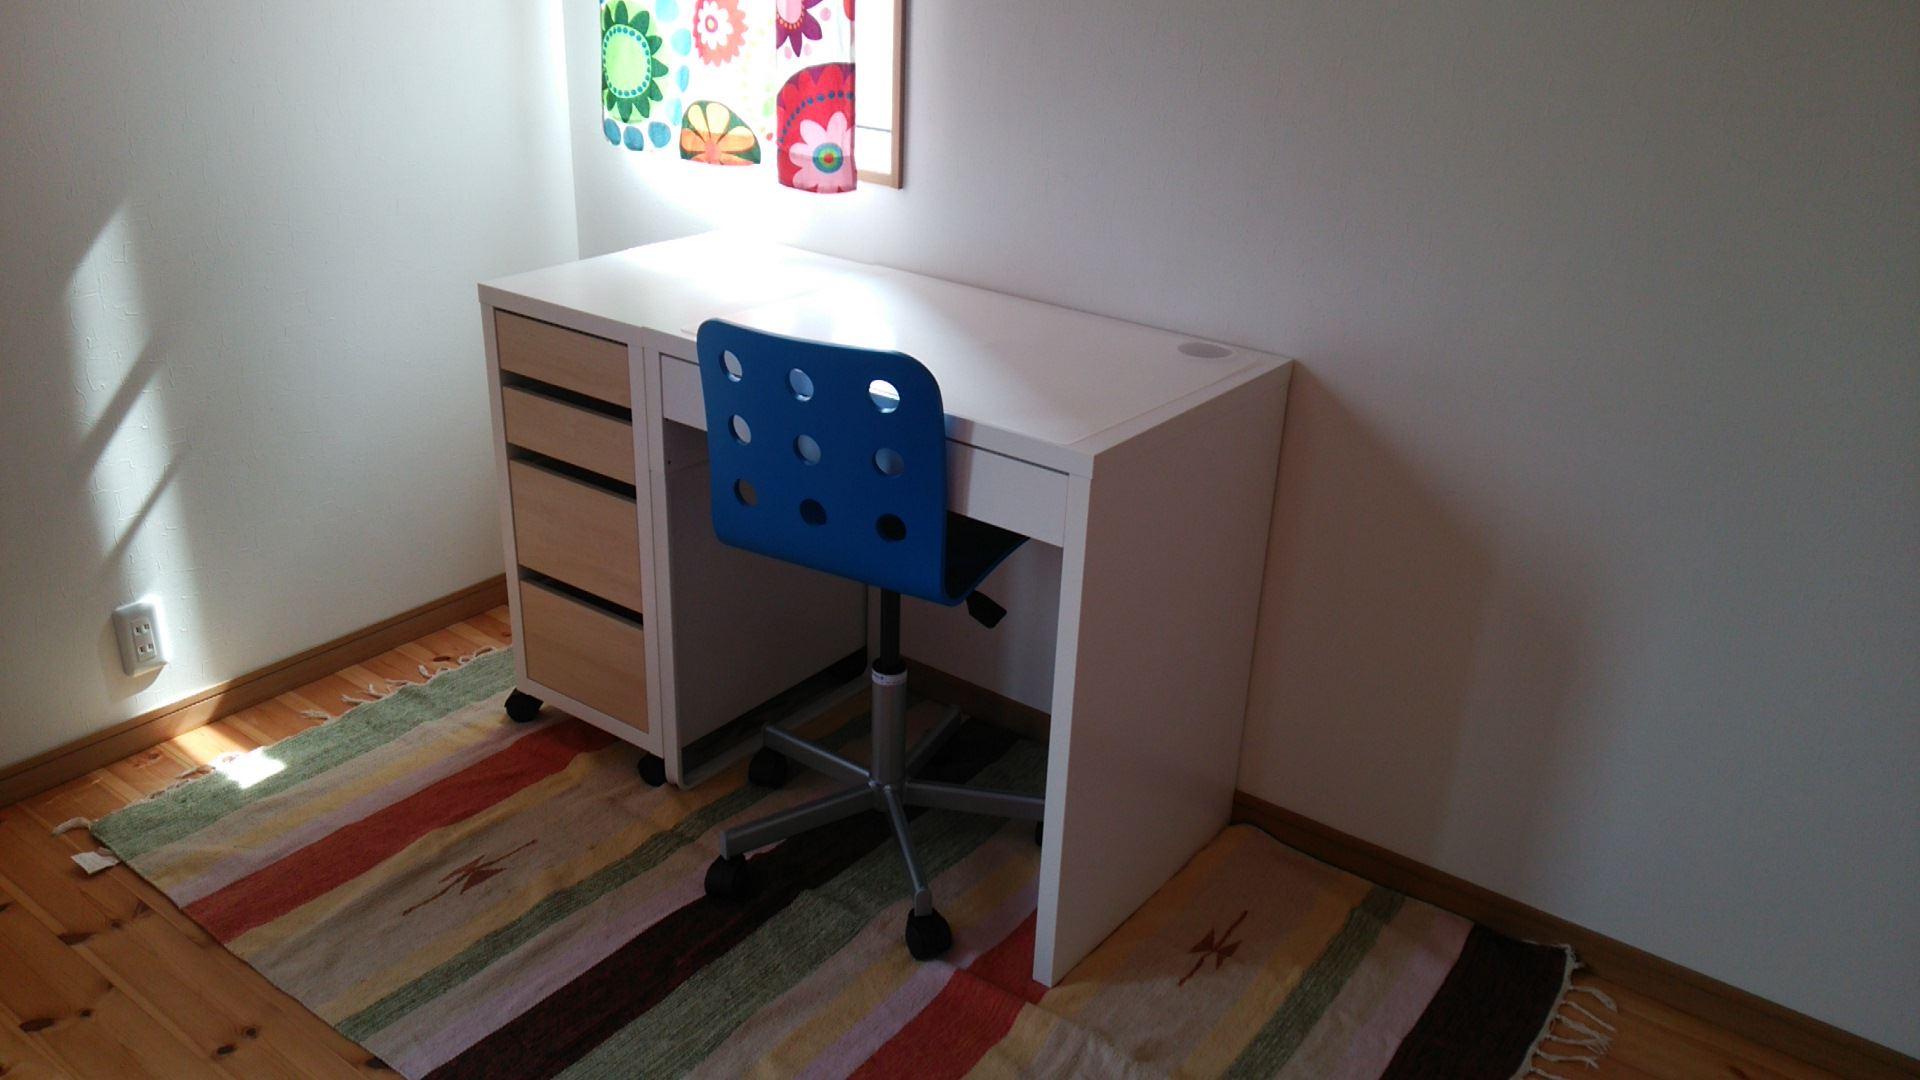 IKEA_学習机_買ってしまった_組み立て_大変